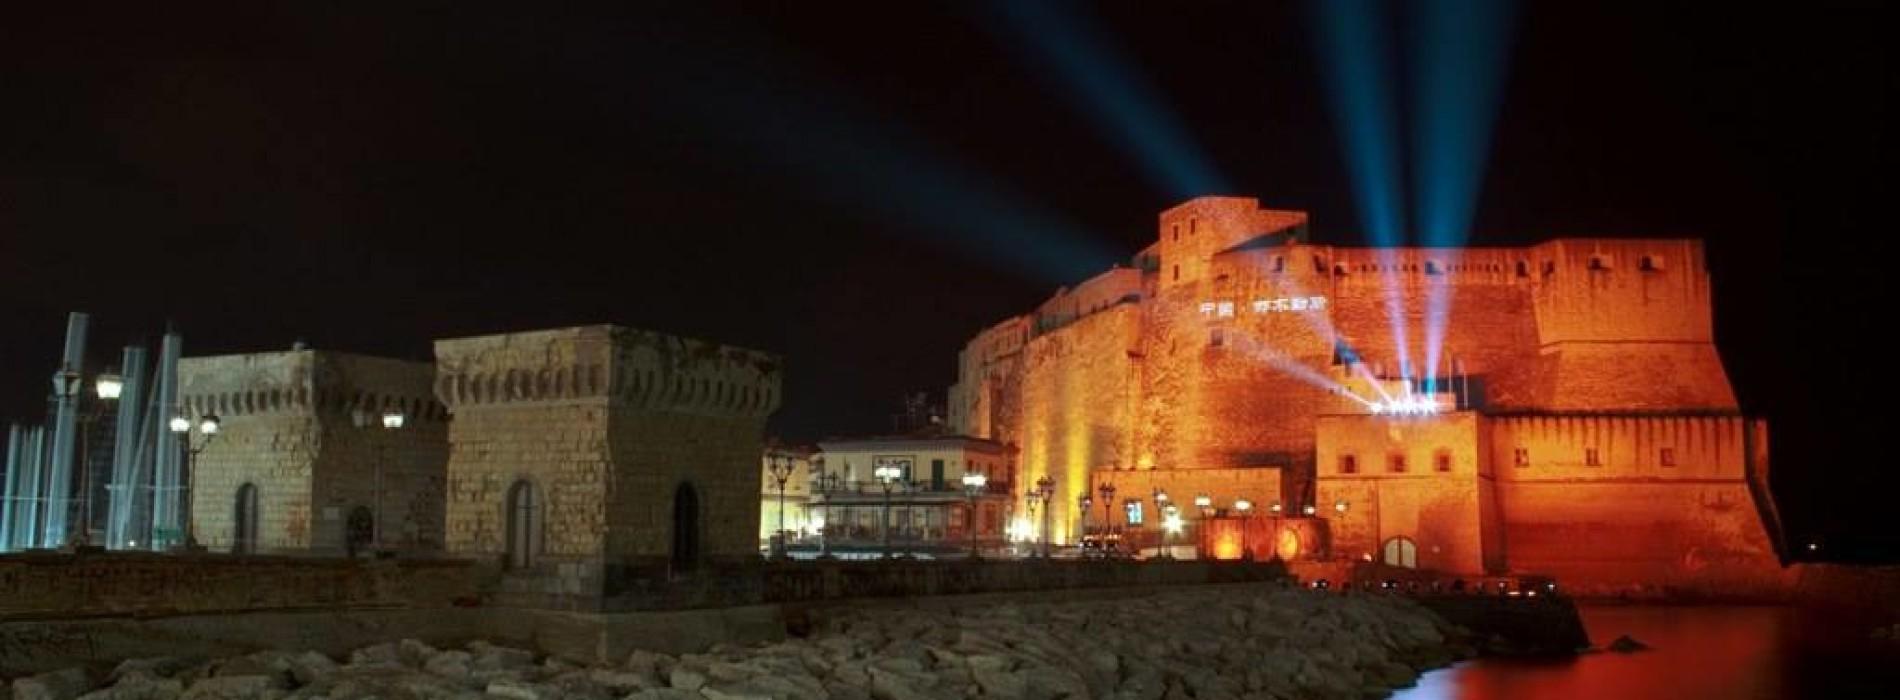 Castel dell'Ovo: storia di un cavaliere a guardia della sua regina